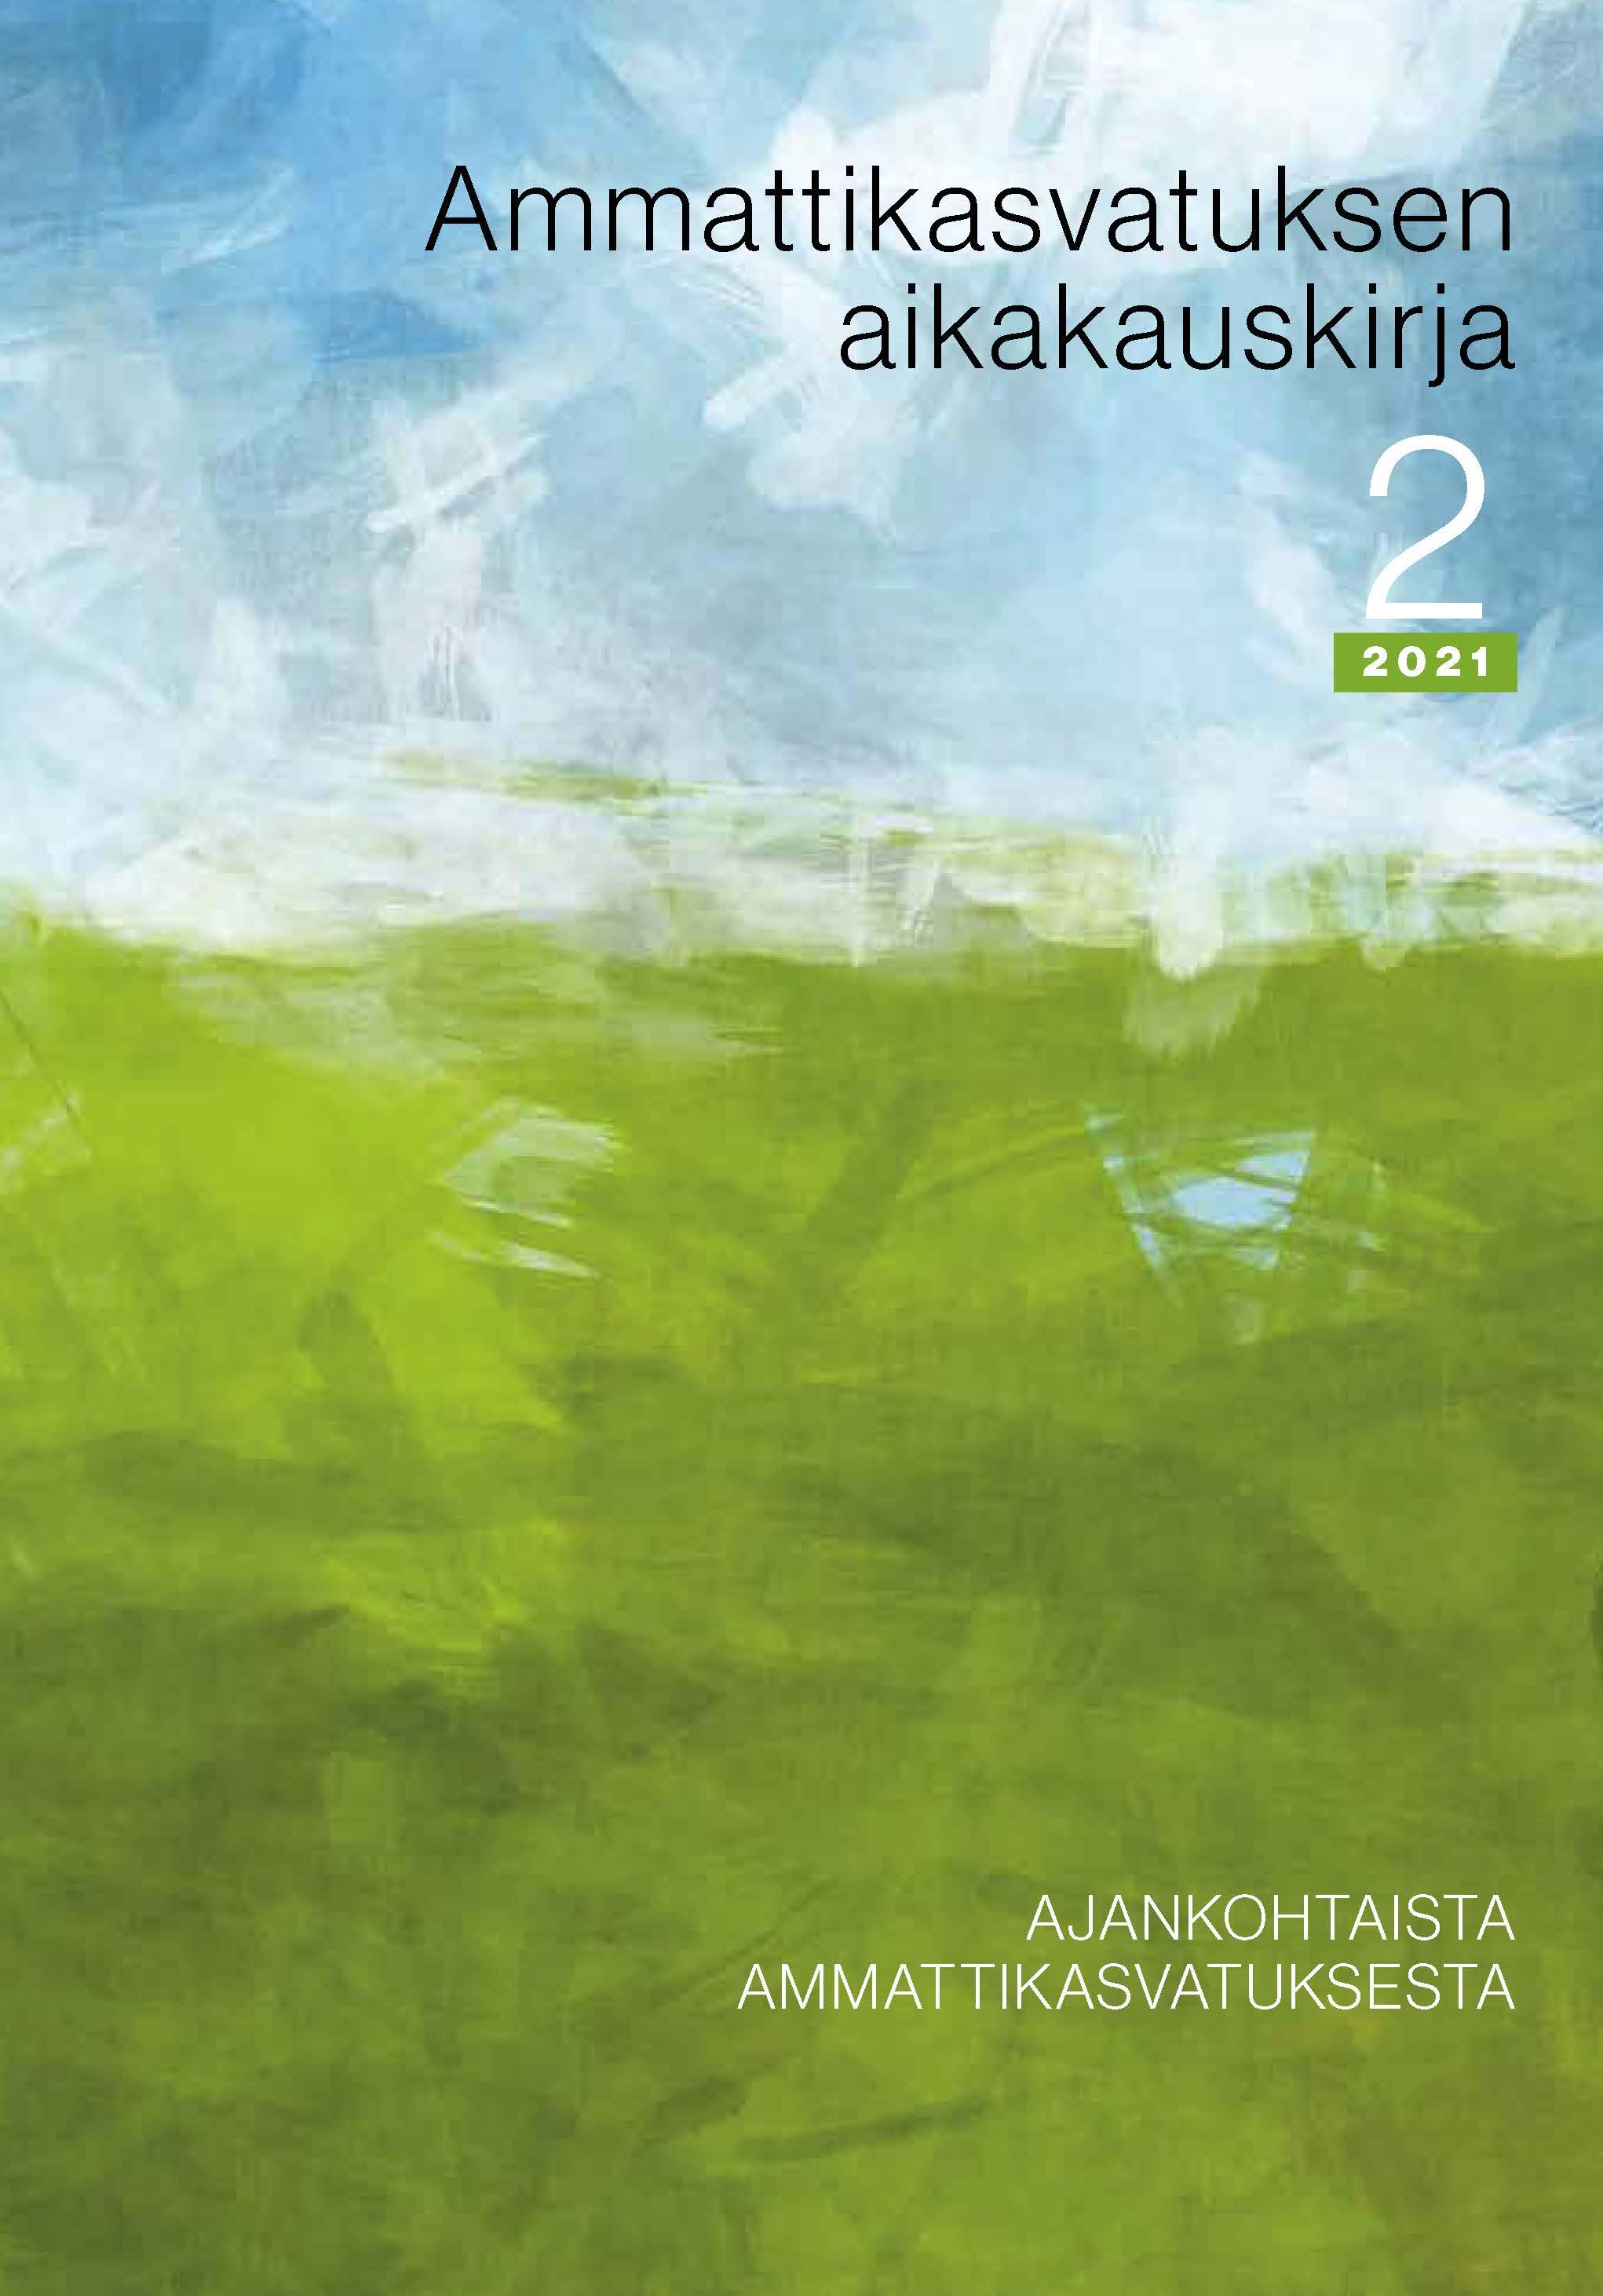 Näytä Vol 23 Nro 2 (2021): Ajankohtaista ammattikasvatuksesta